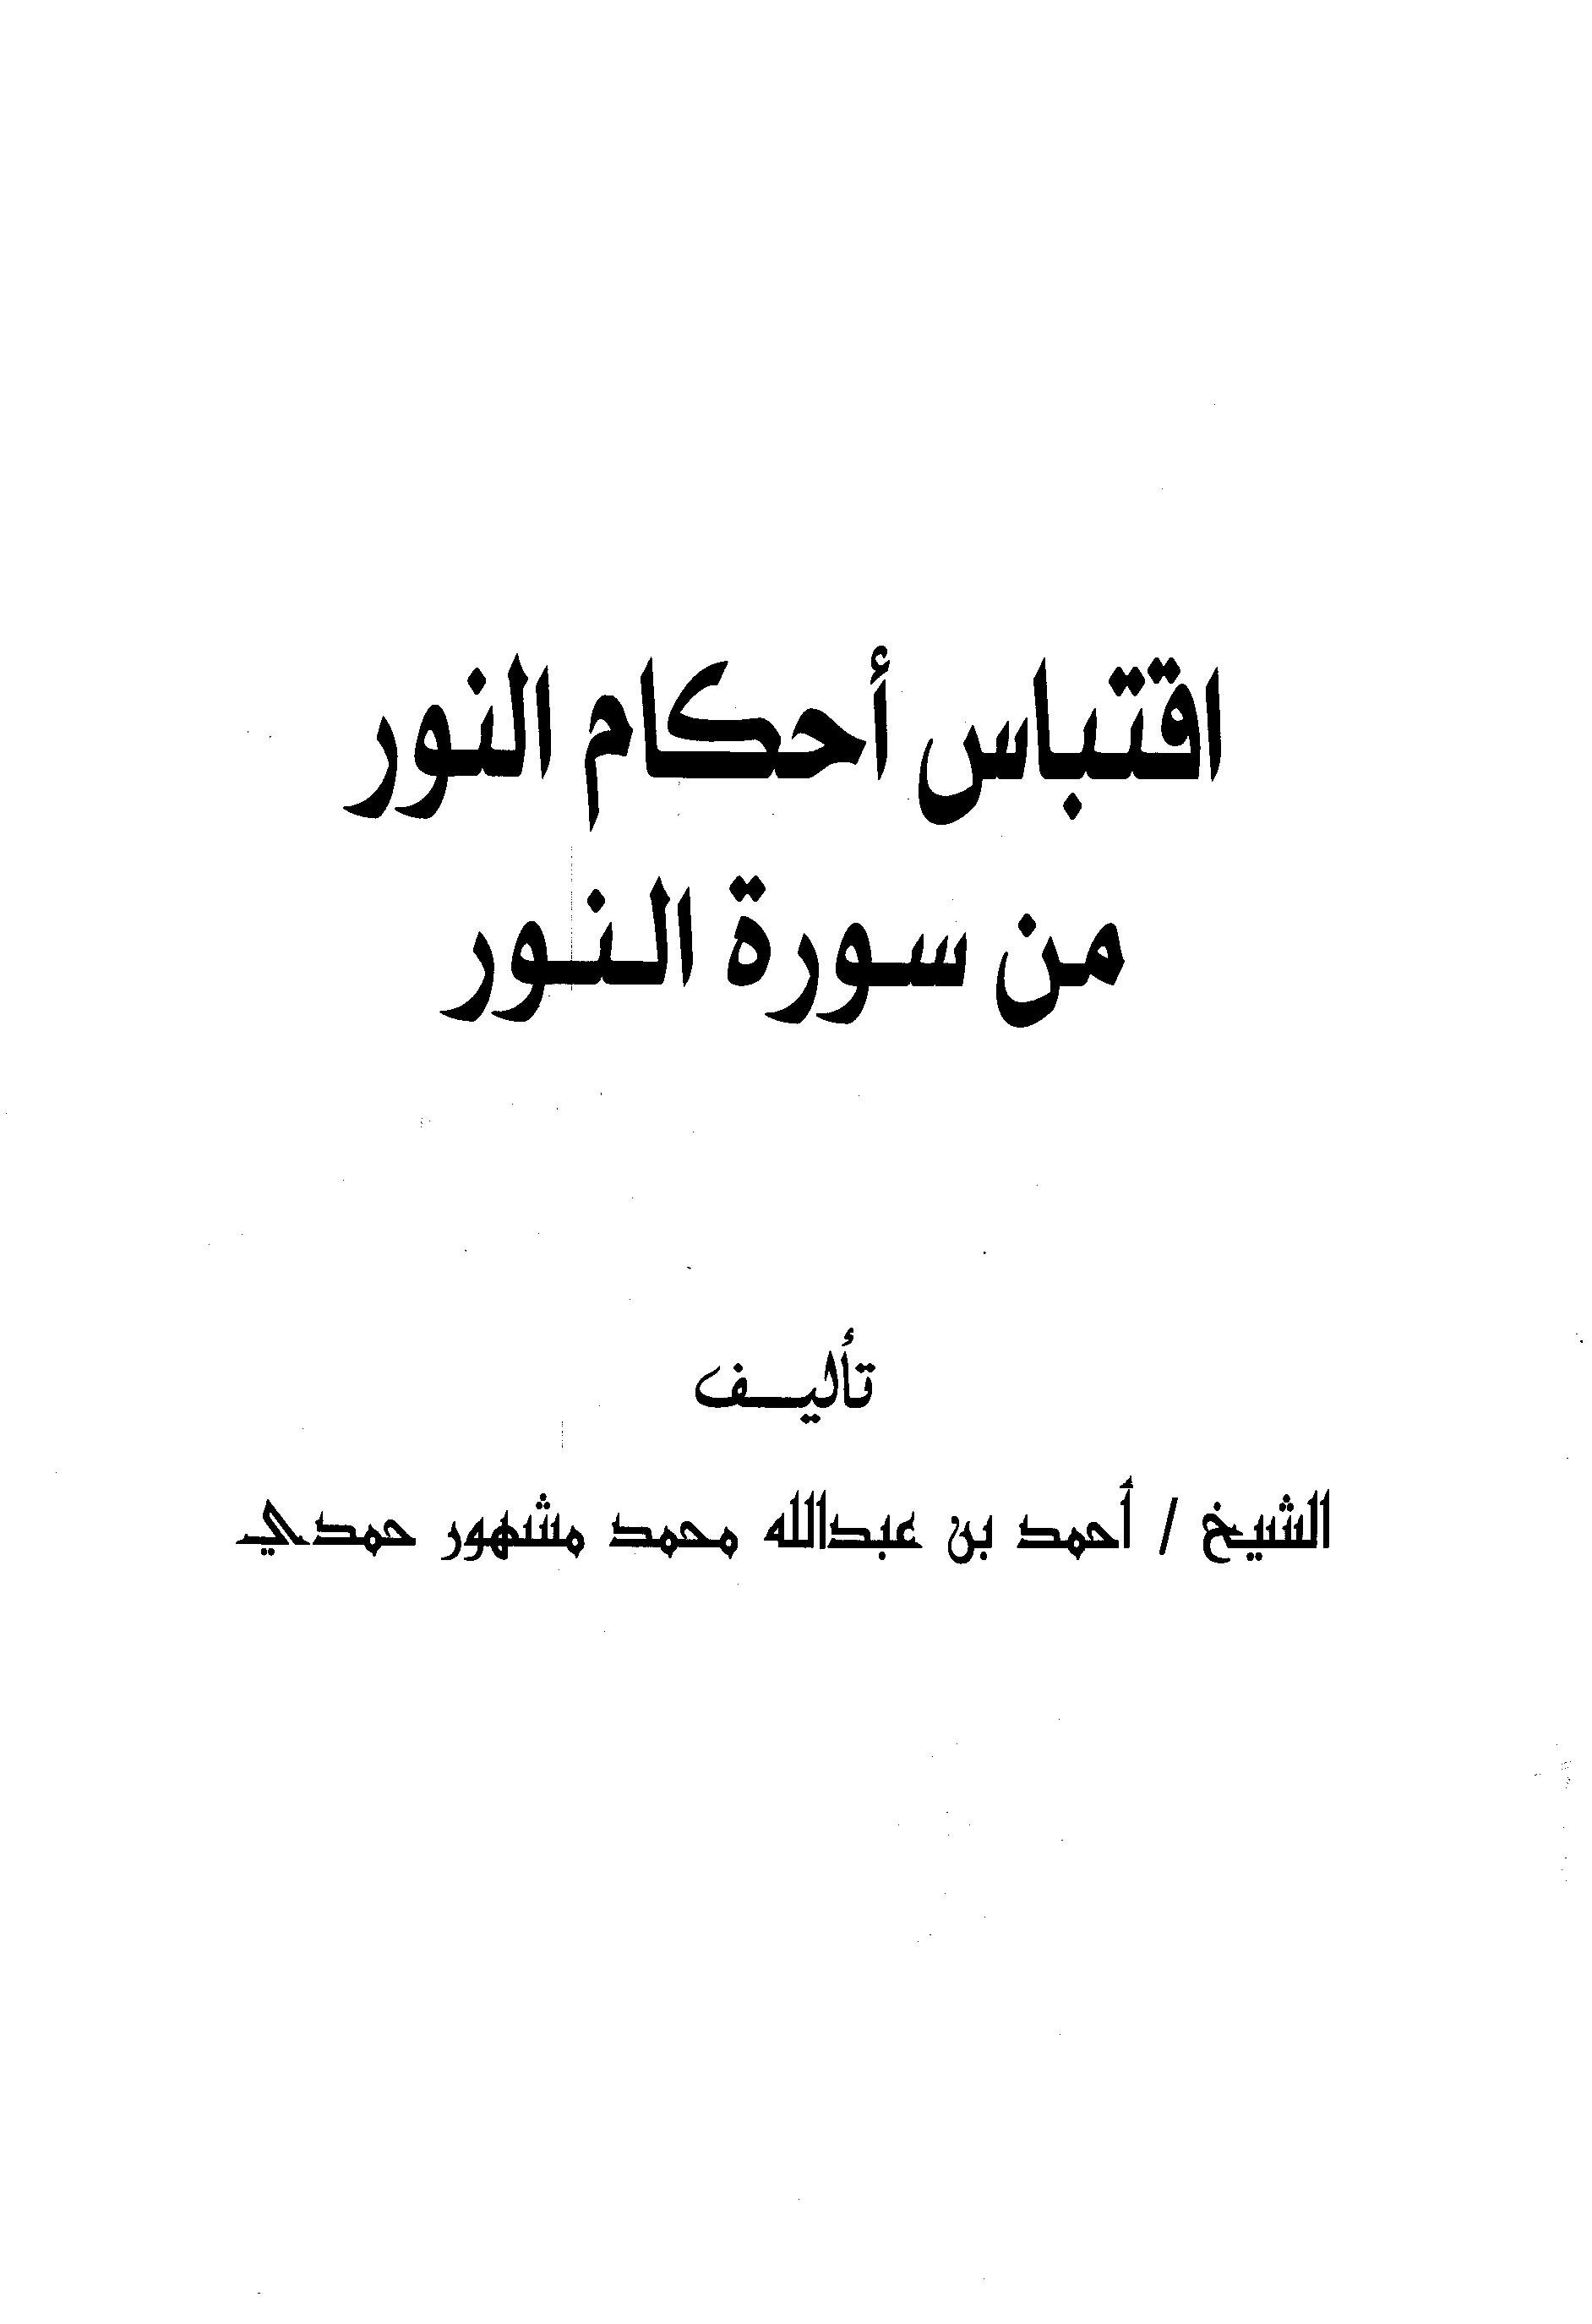 تحميل كتاب اقتباس أحكام النور من سورة النور لـِ: الشيخ أحمد بن عبد الله محمد مشهور حمدي